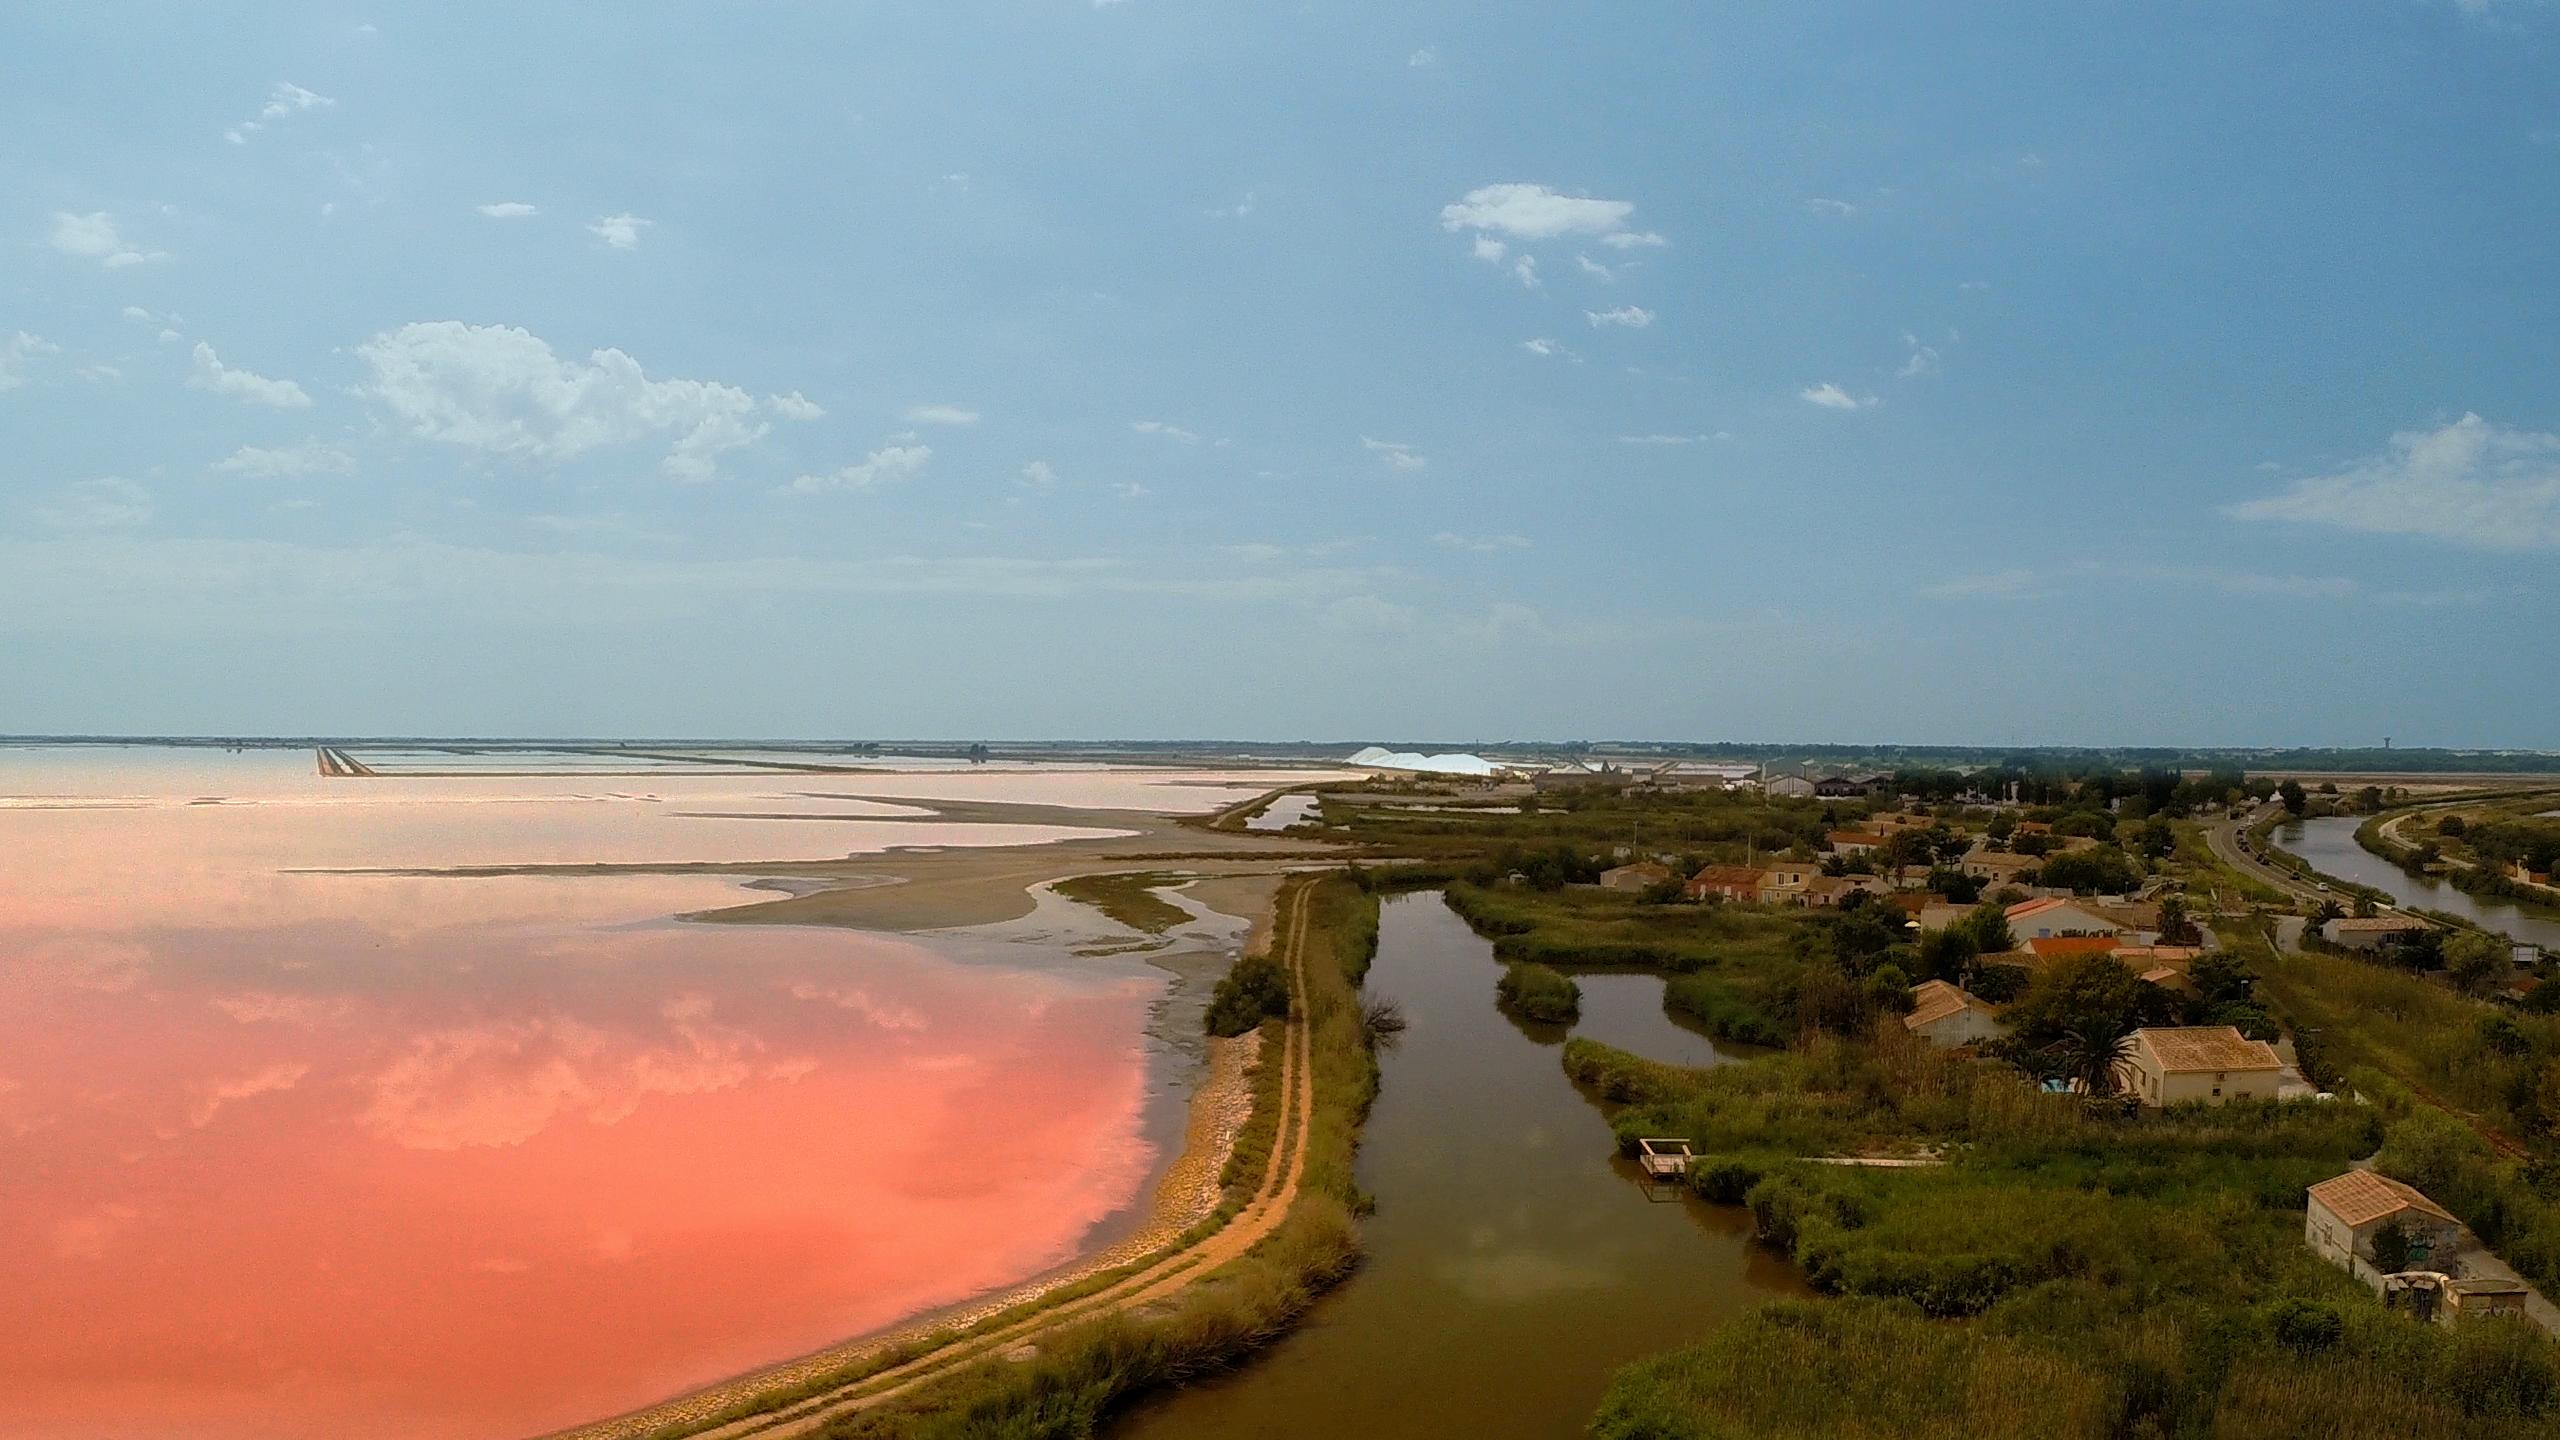 Camargues, Aigues mortes, France